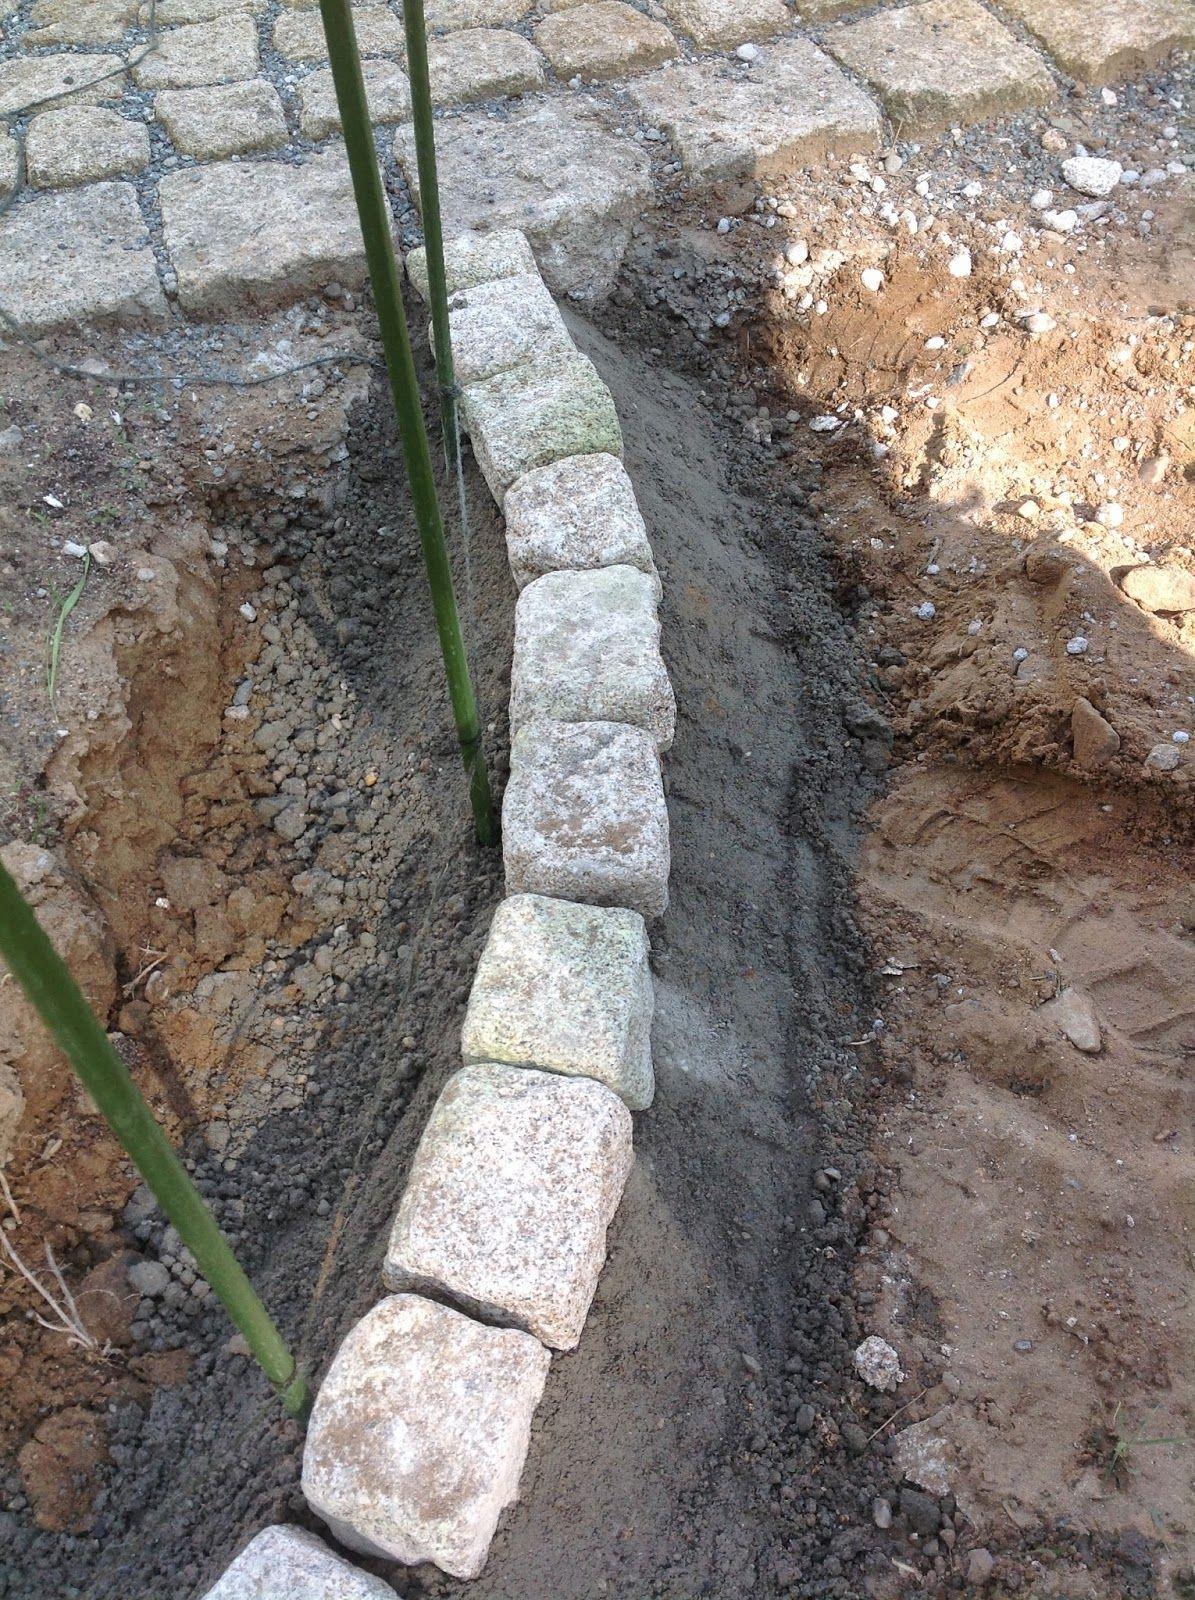 Unsere Stadtvilla Bautagebuch Beetabgrenzung Bzw Rasenkante Aus Granit Selbst Bauen In 2020 Rasenkanten Garten Rasen